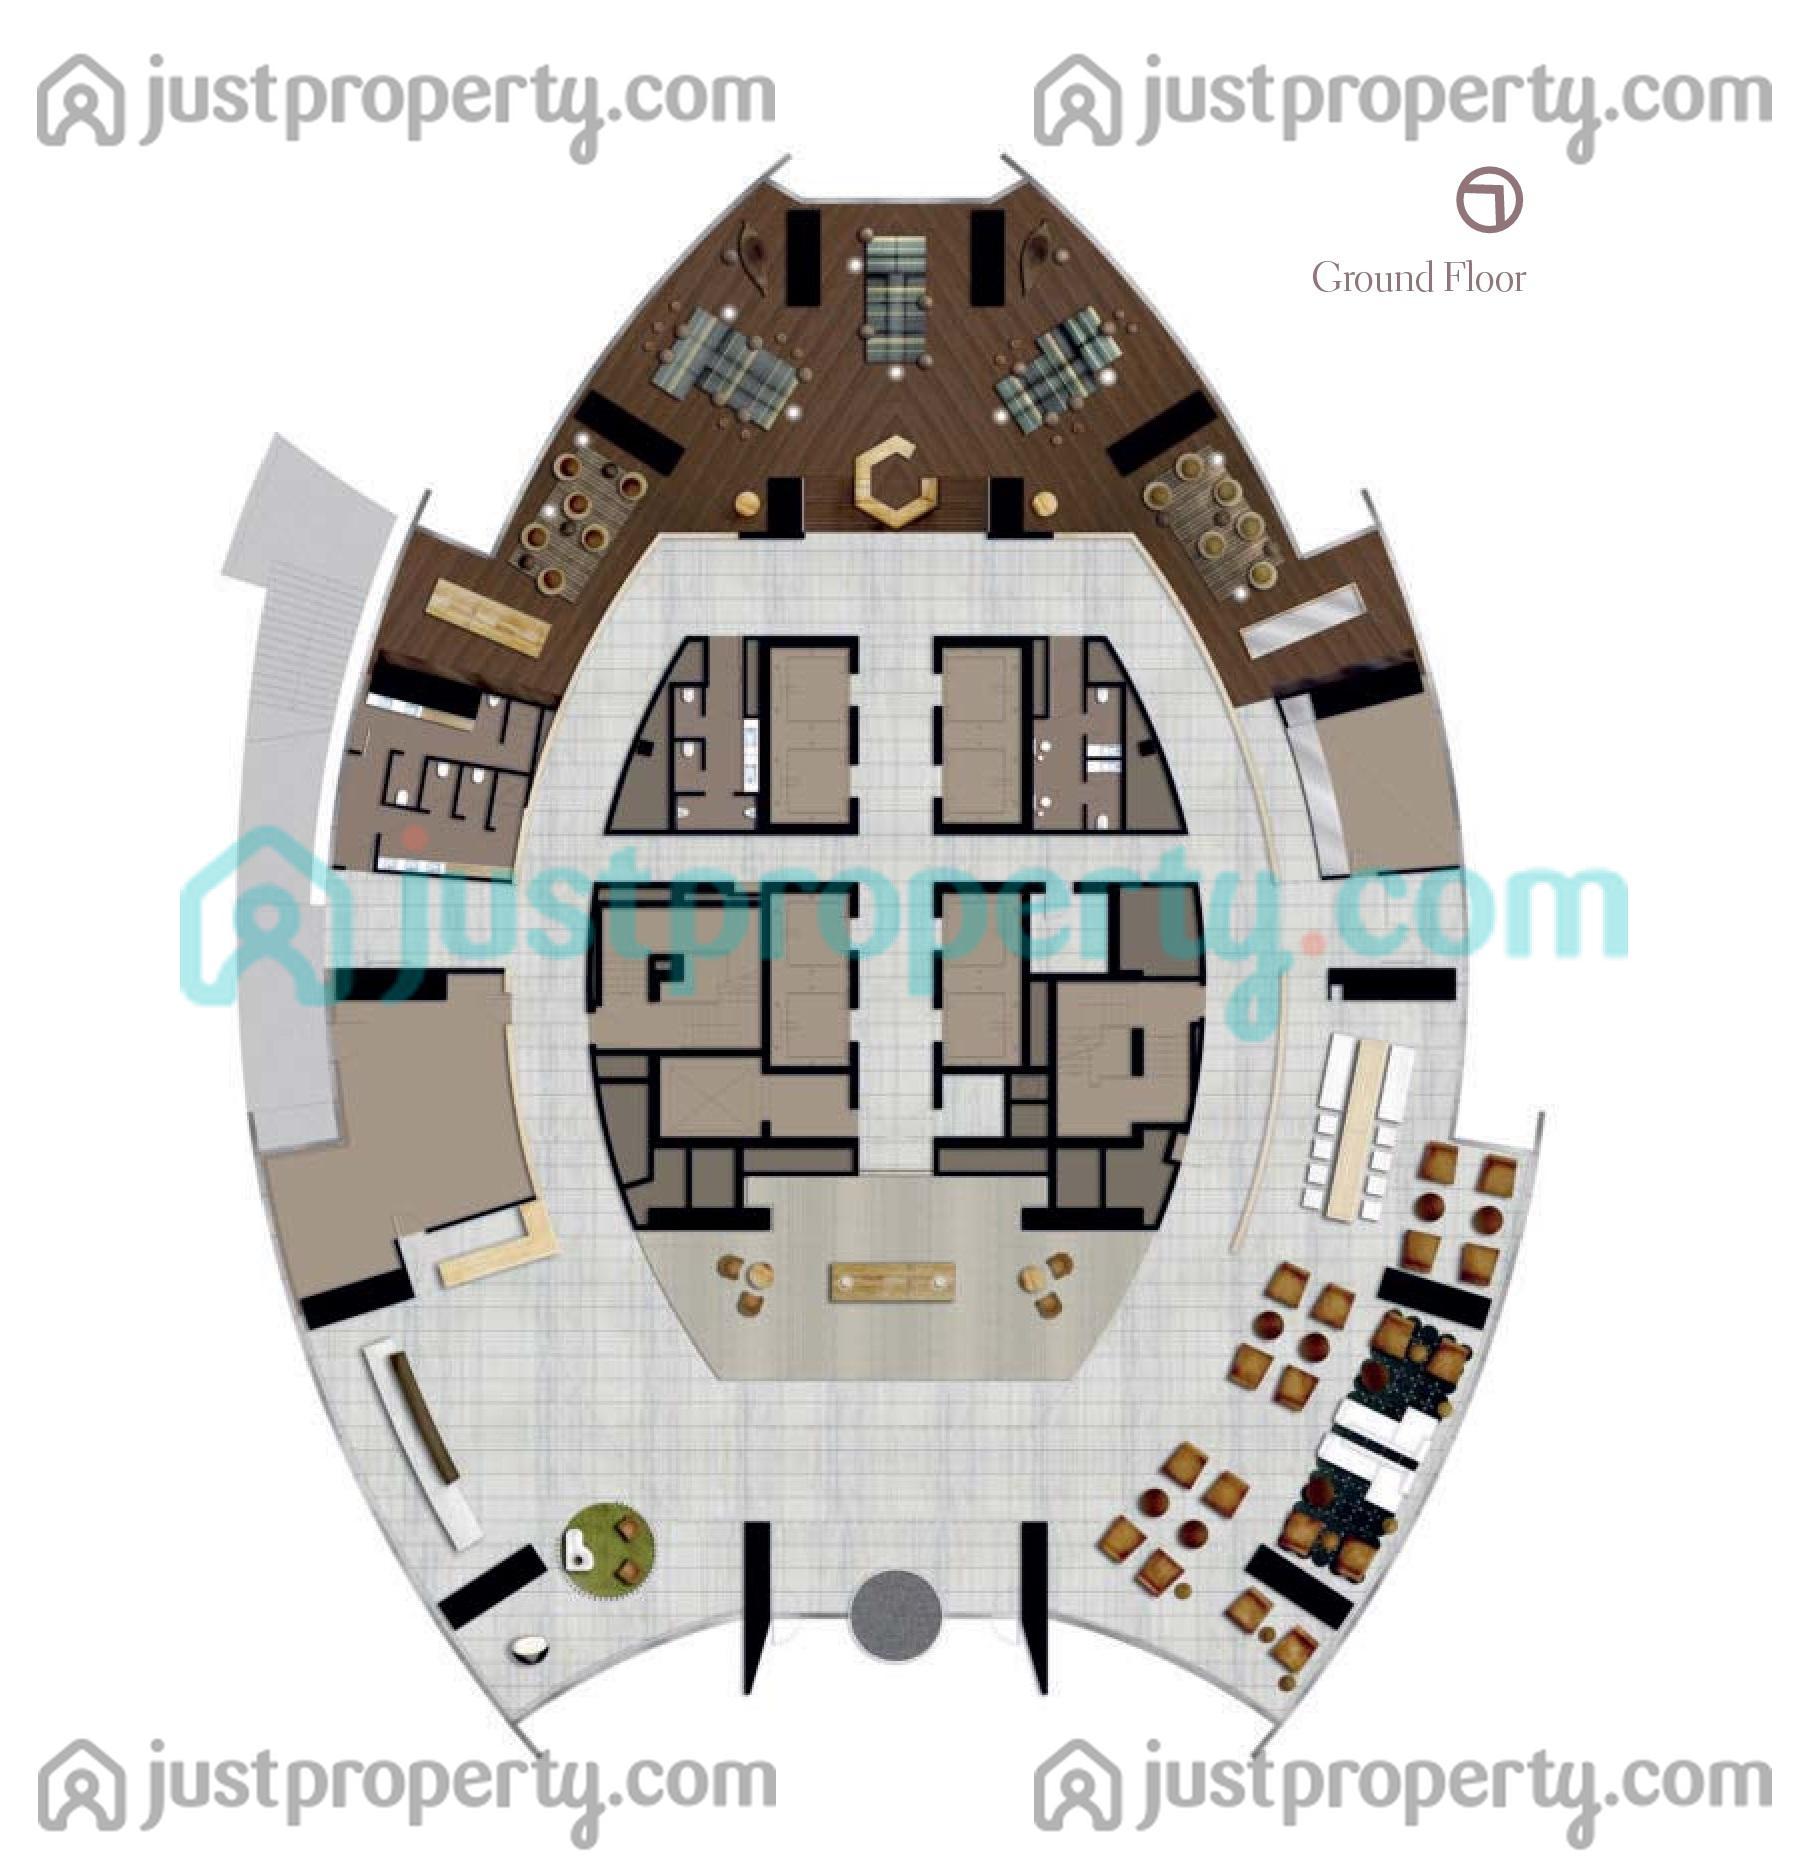 D1 Tower Floor Plans   JustProperty.com